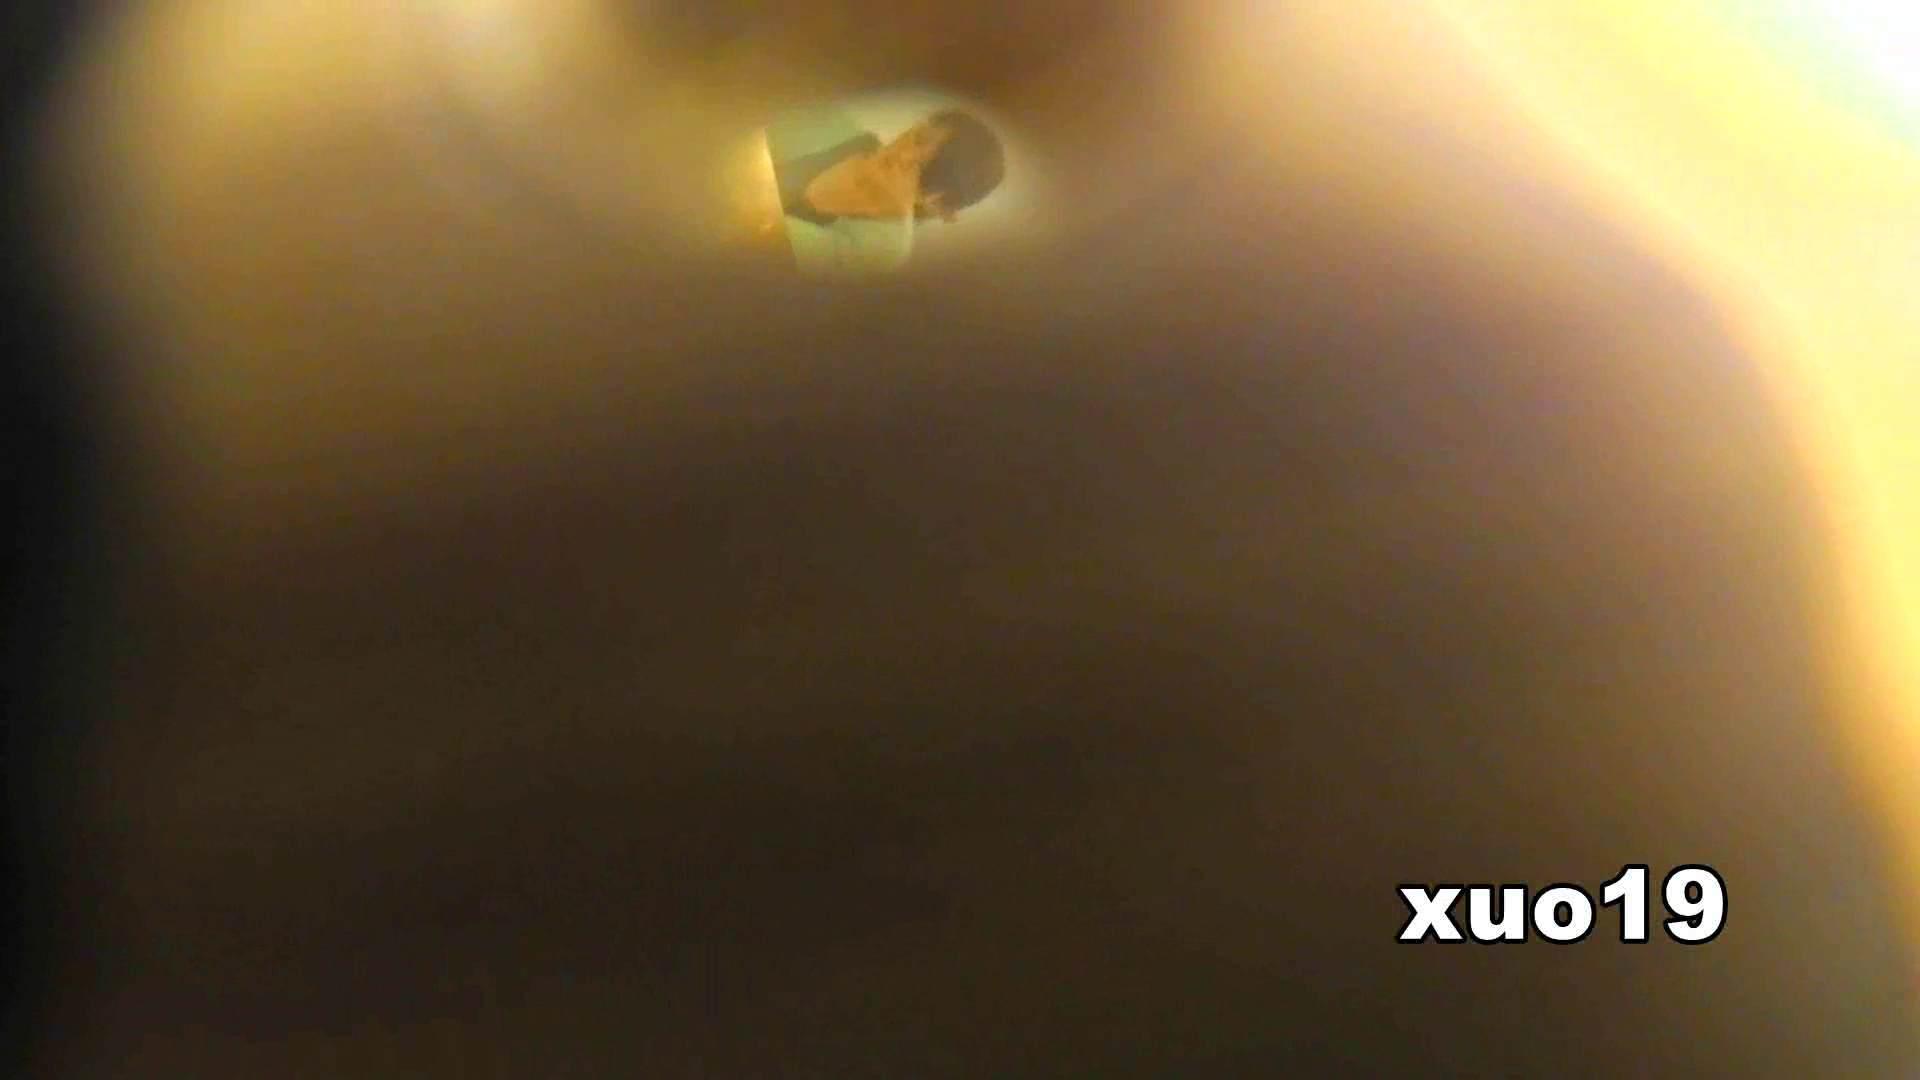 阿国ちゃんの「和式洋式七変化」No.19 キラキラ系 お姉さん  111PIX 30